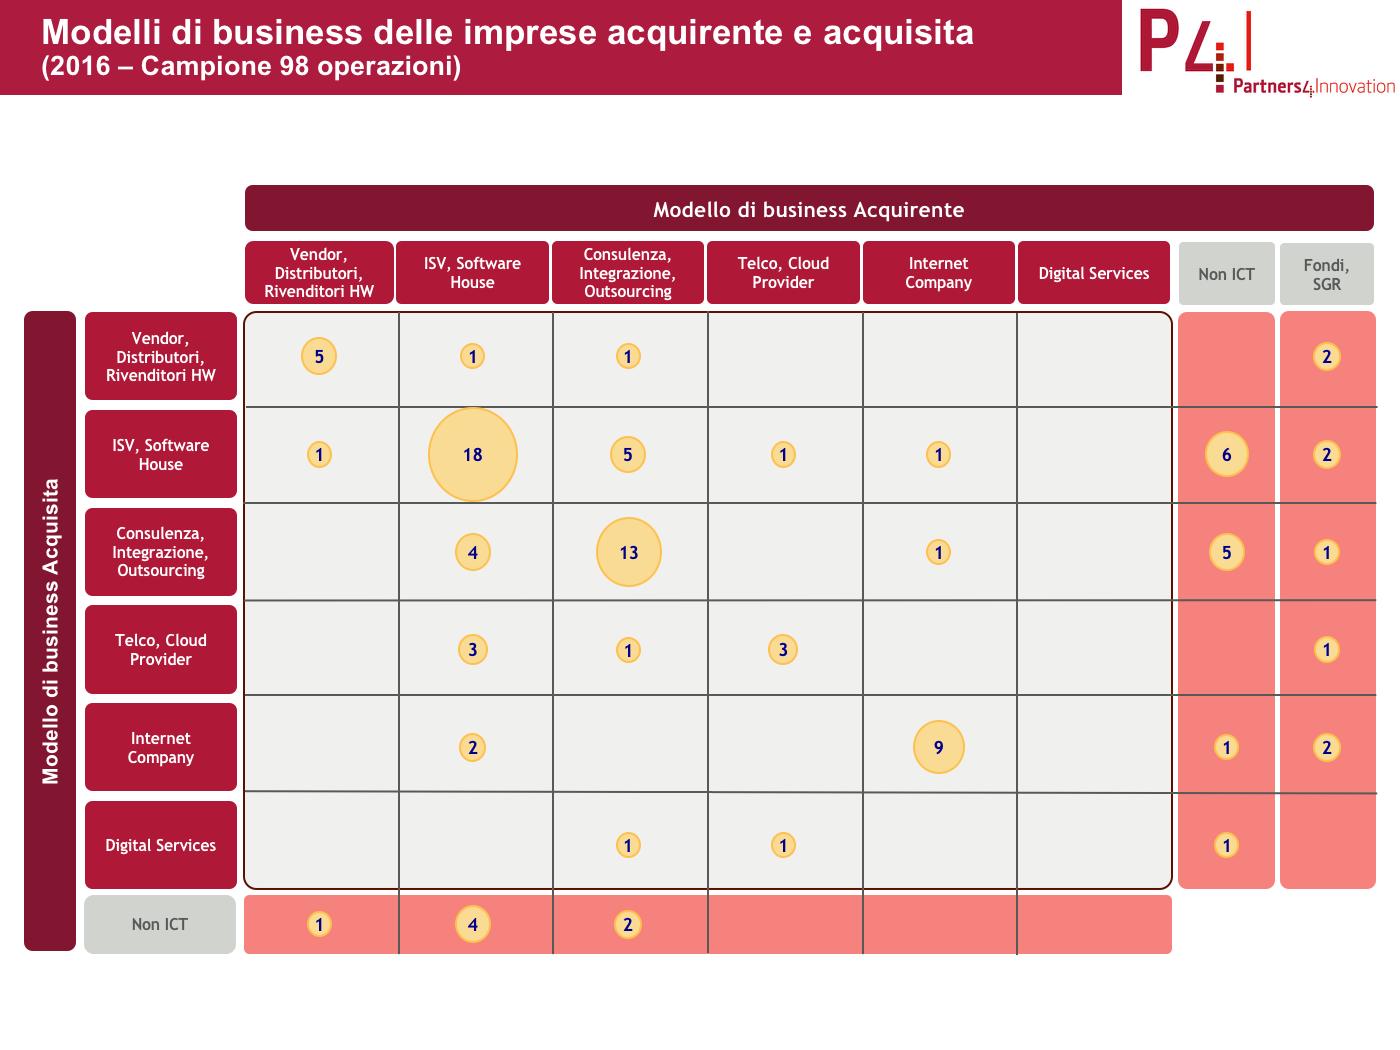 acquisizioni italiane